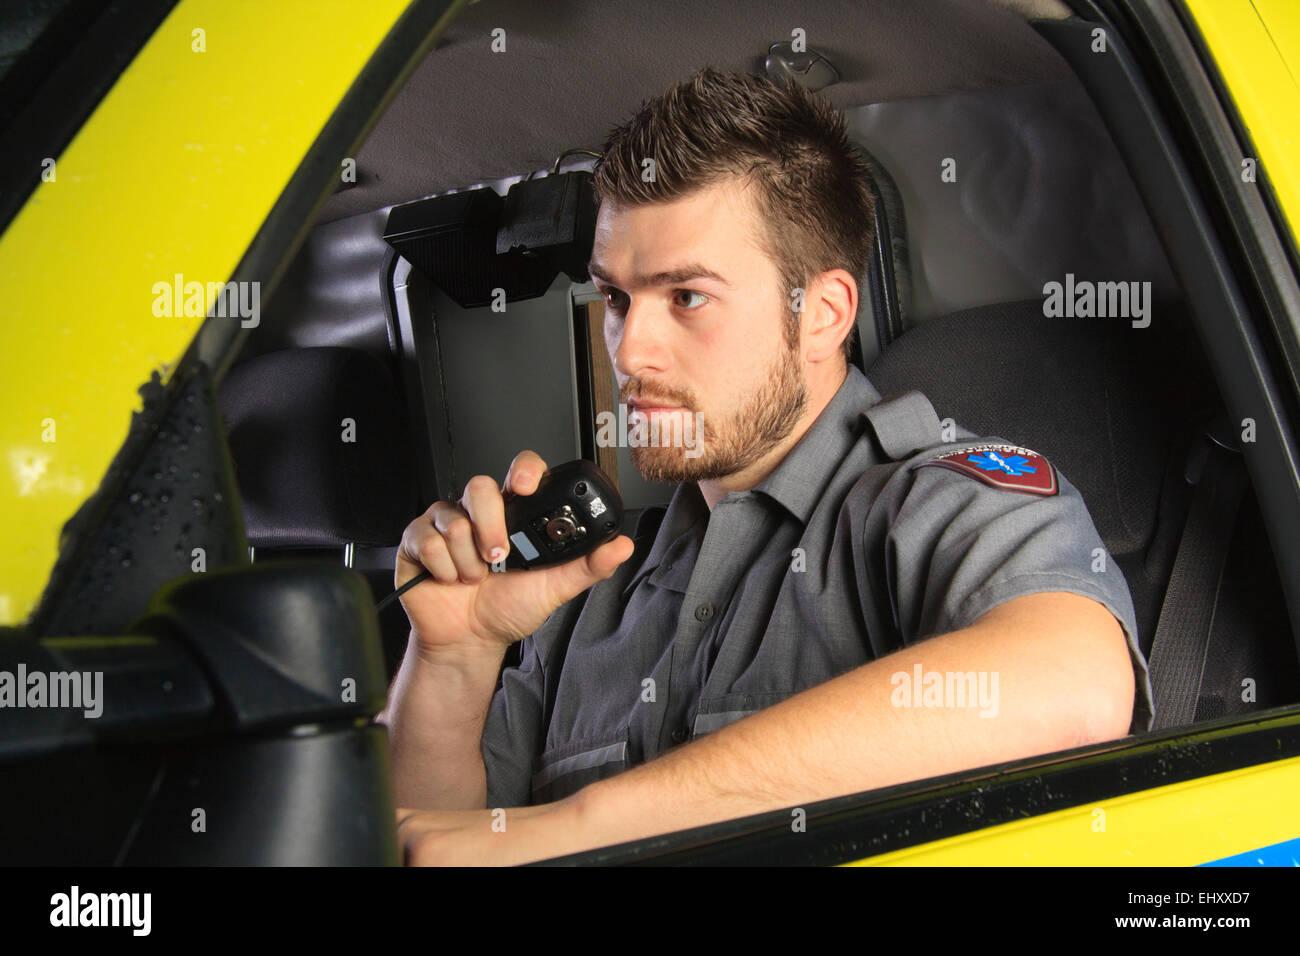 A paramedic at the wheel of his ambulance - Stock Image